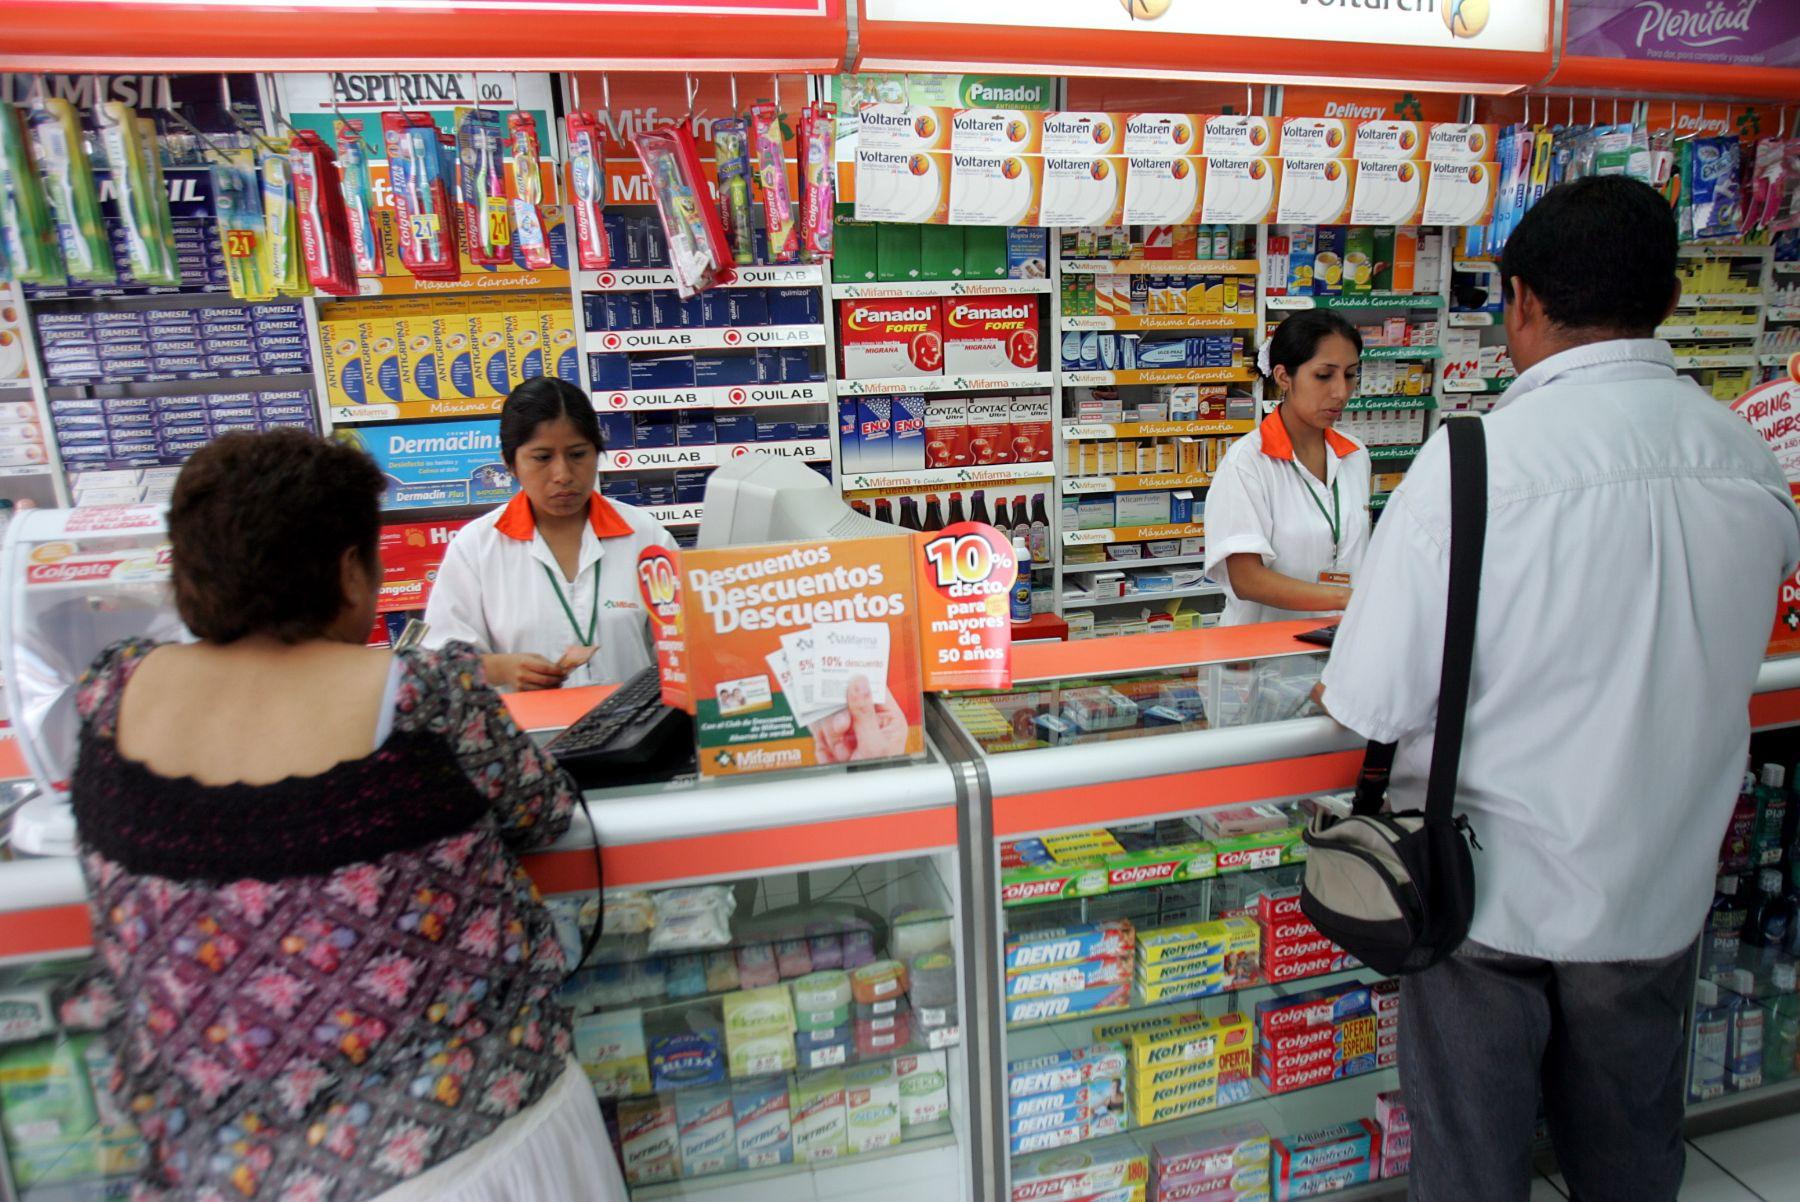 ¿Es el monopolio de InRetail Pharma S.A. constitucional?